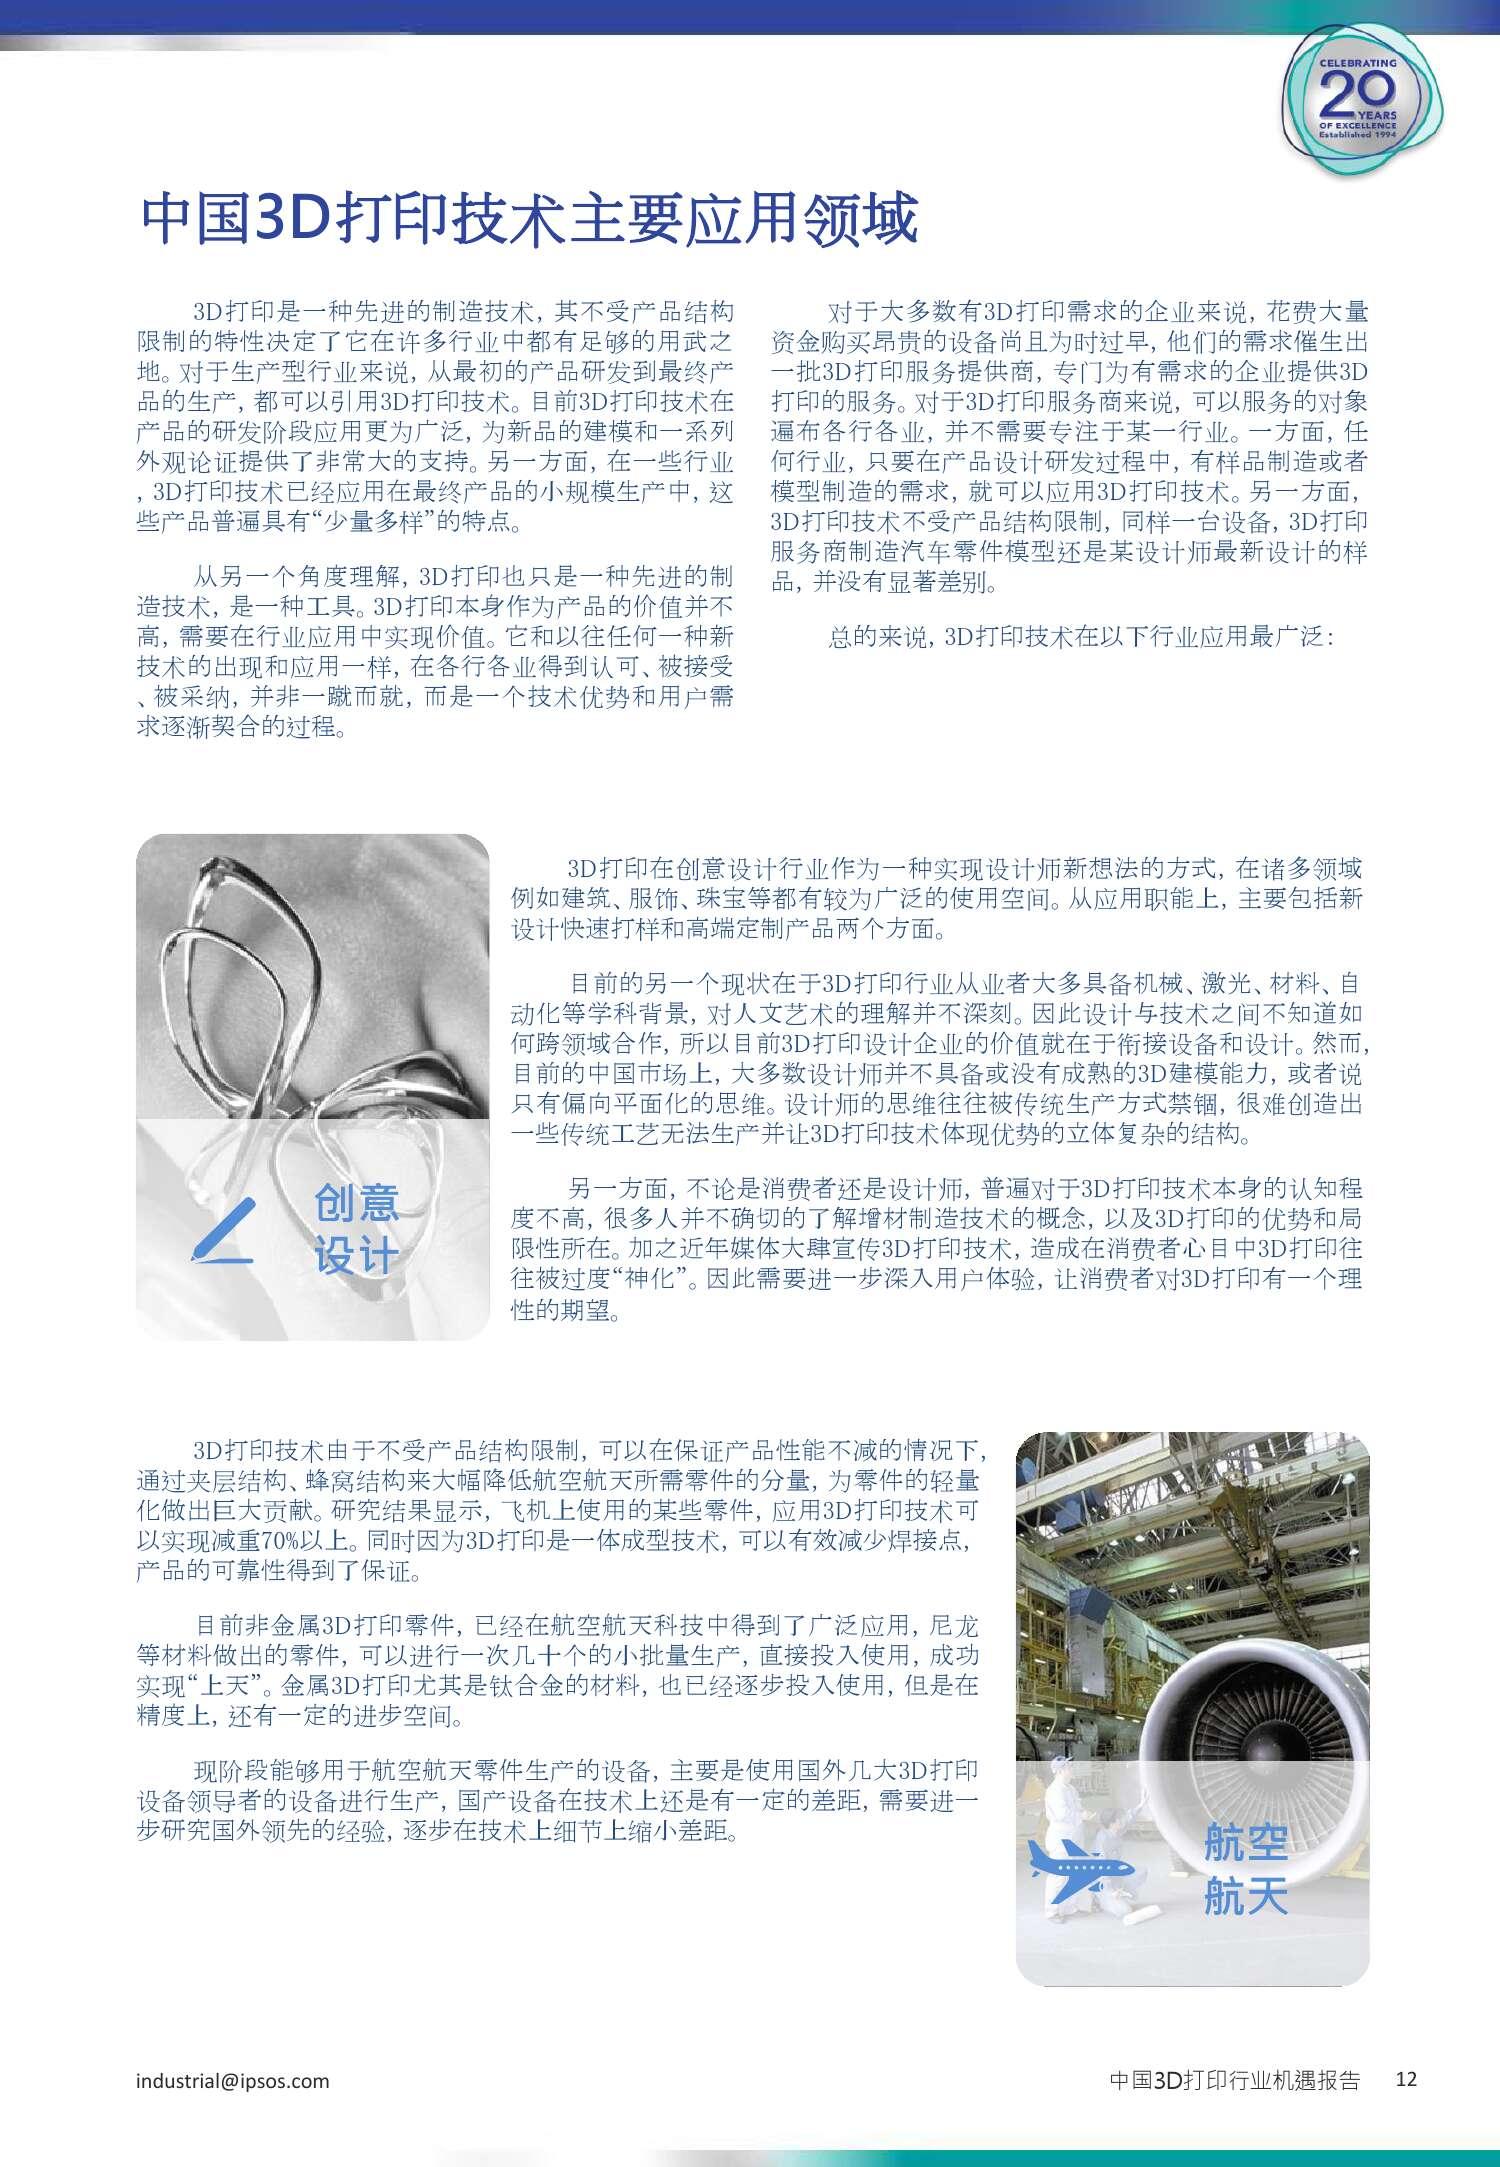 3D打印行业机遇报告_000012